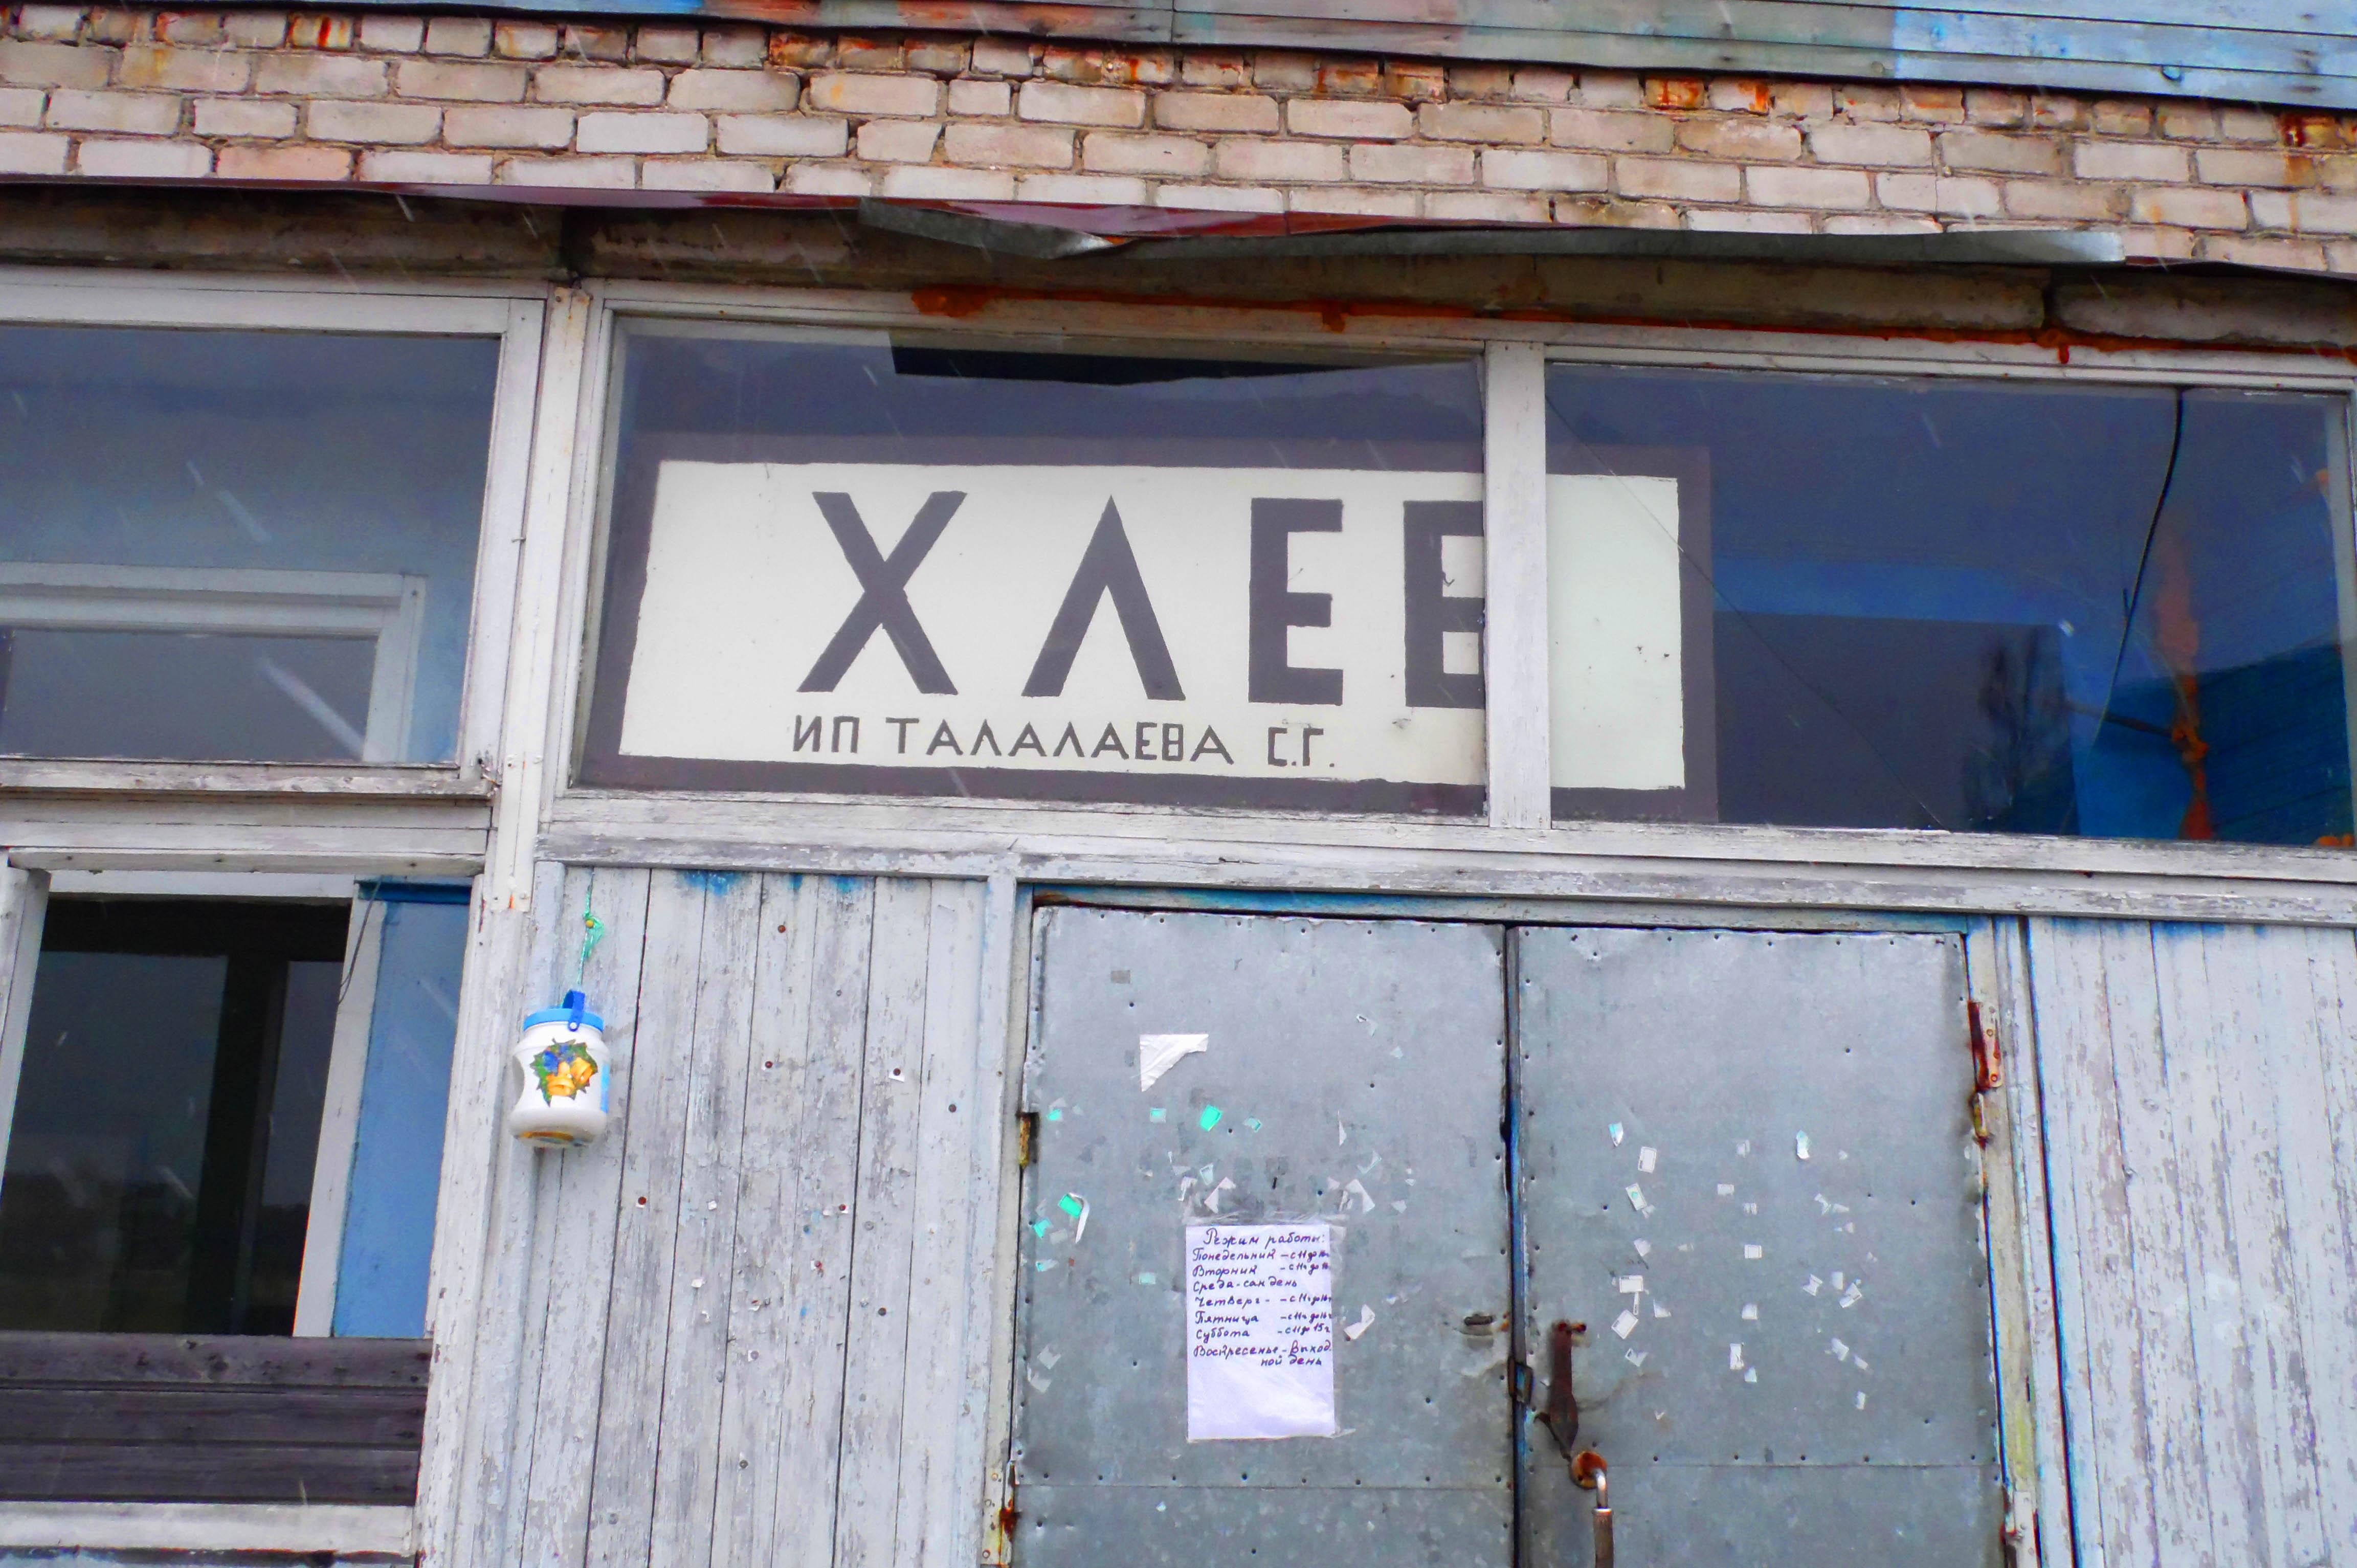 Малый бизнес Светланы и Александра. Фото: Алексей Владимиров